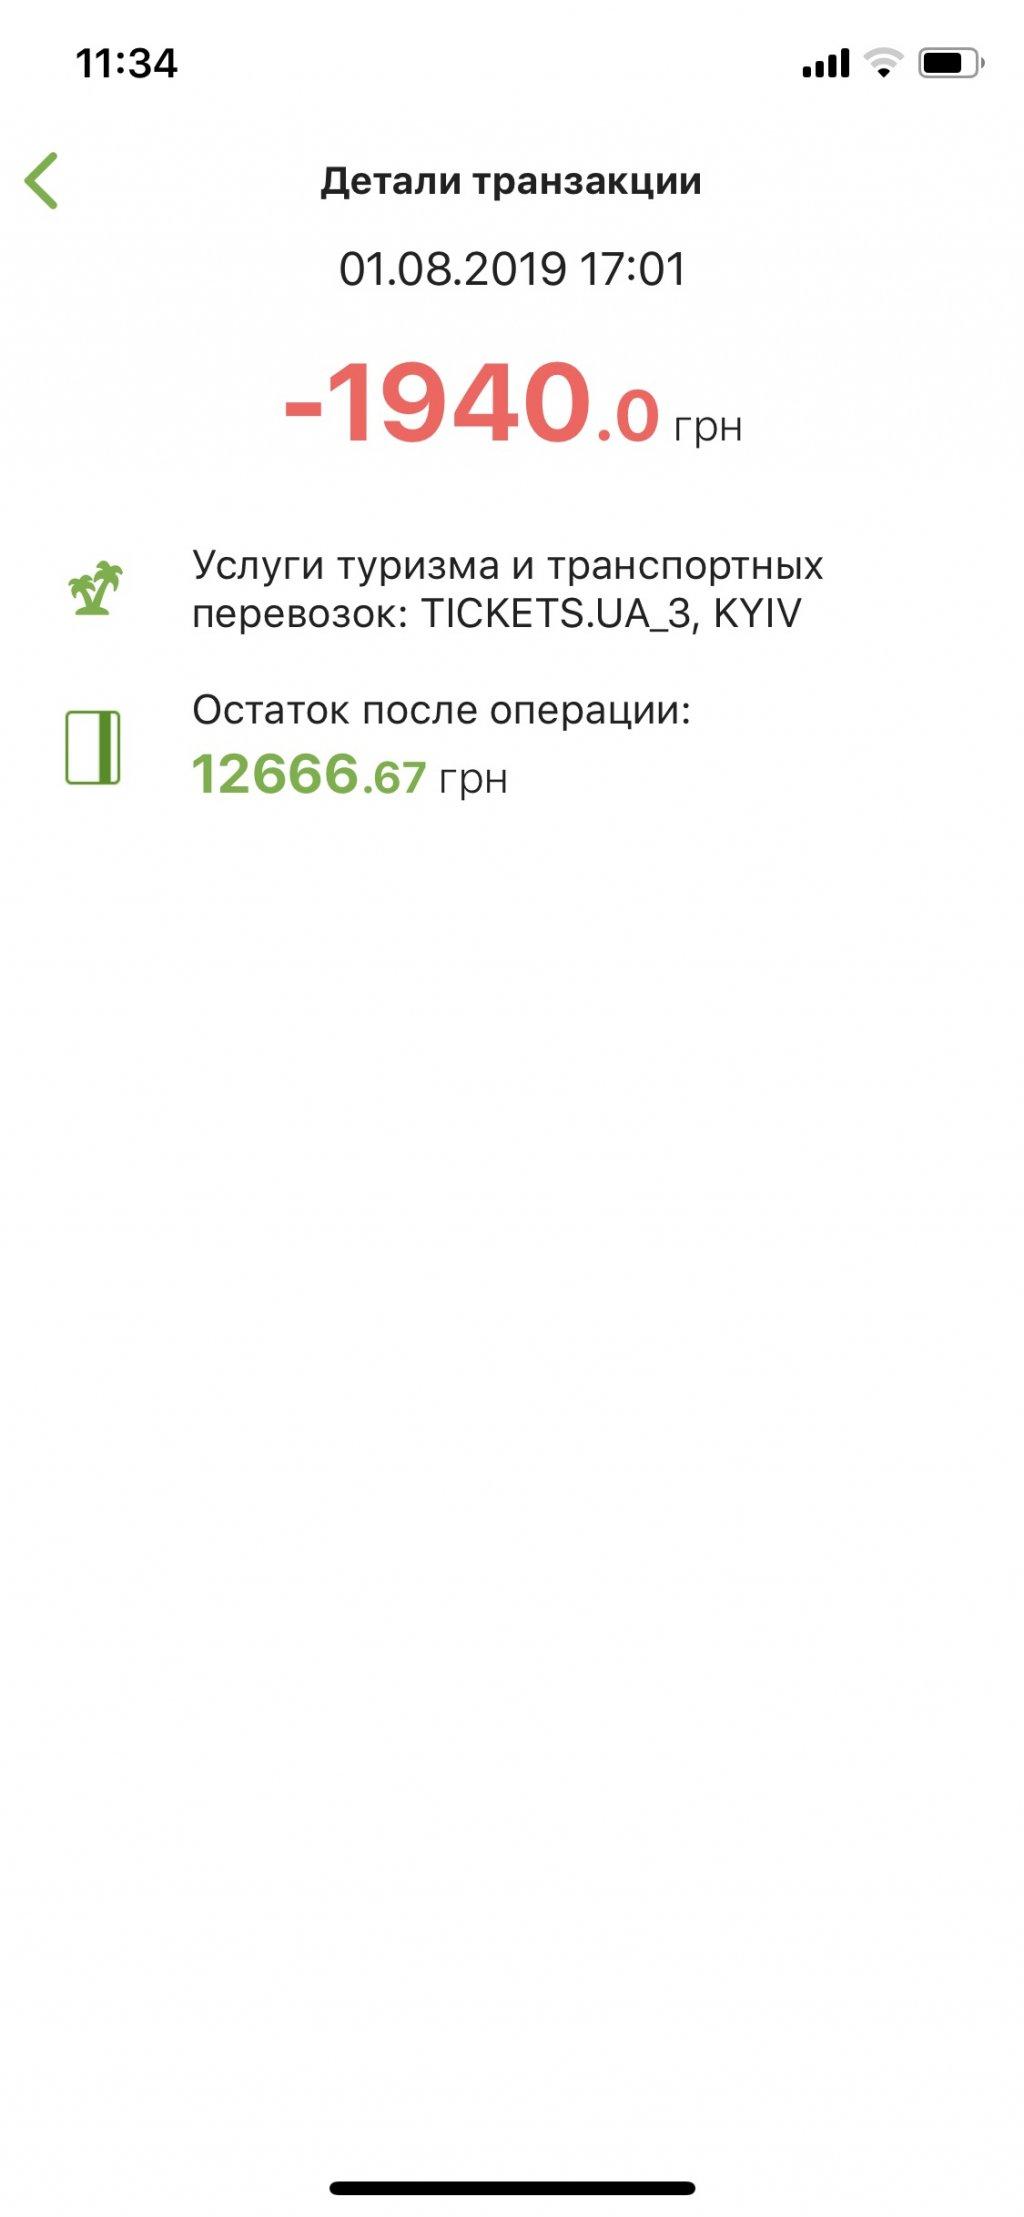 Tickets.ua - Мошенничество на которое сама компания мы не может дать ответ уже 10 дней